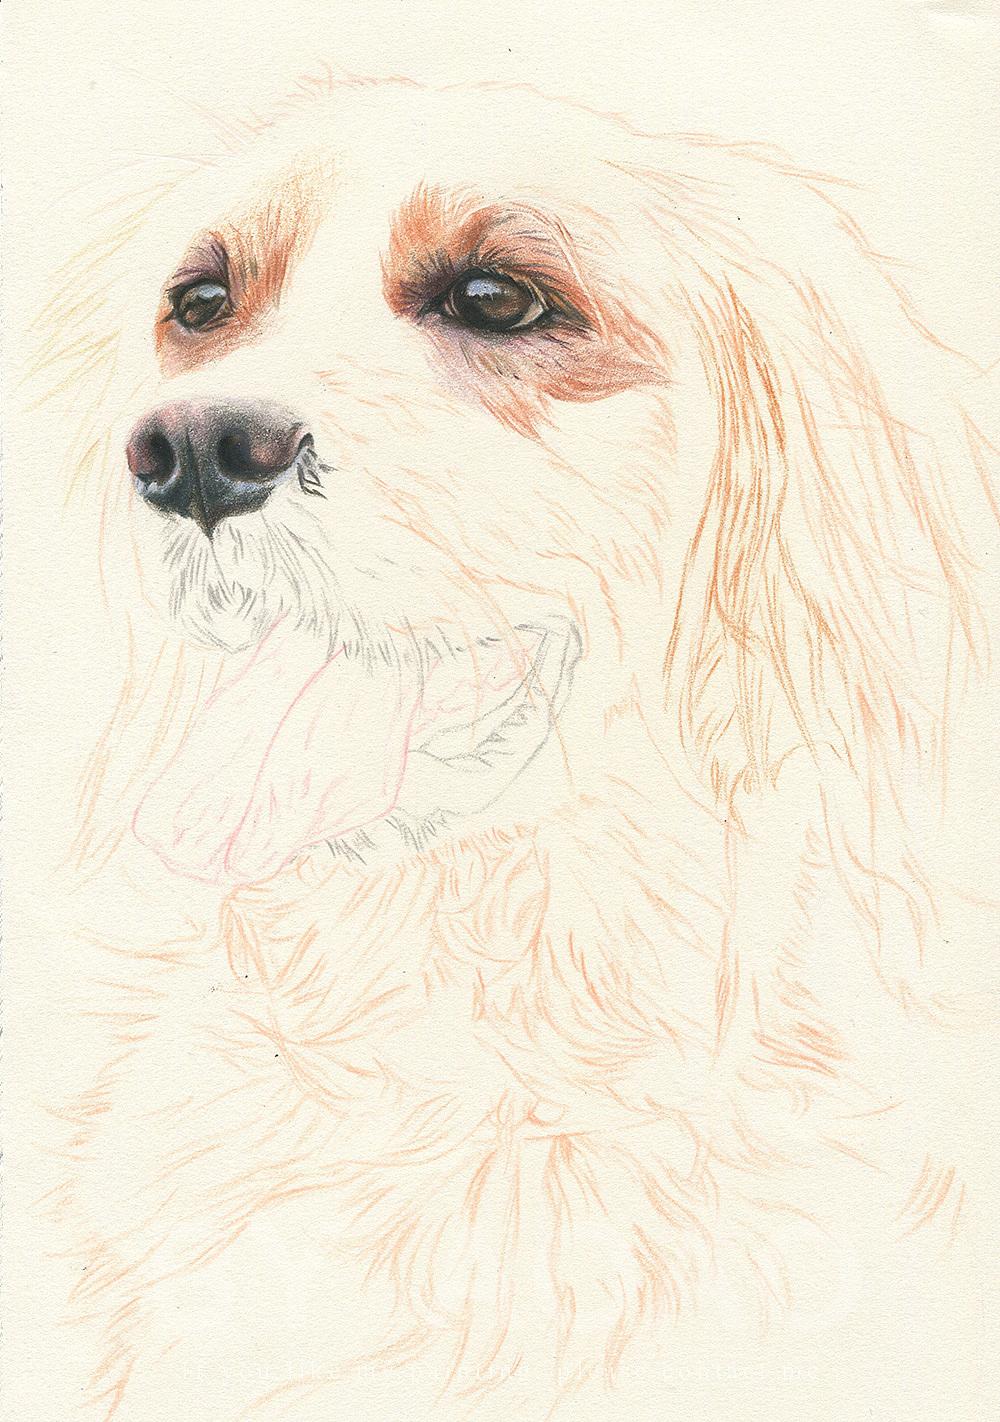 彩铅画——金毛|纯艺术|彩铅|阿沁手绘 - 原创作品